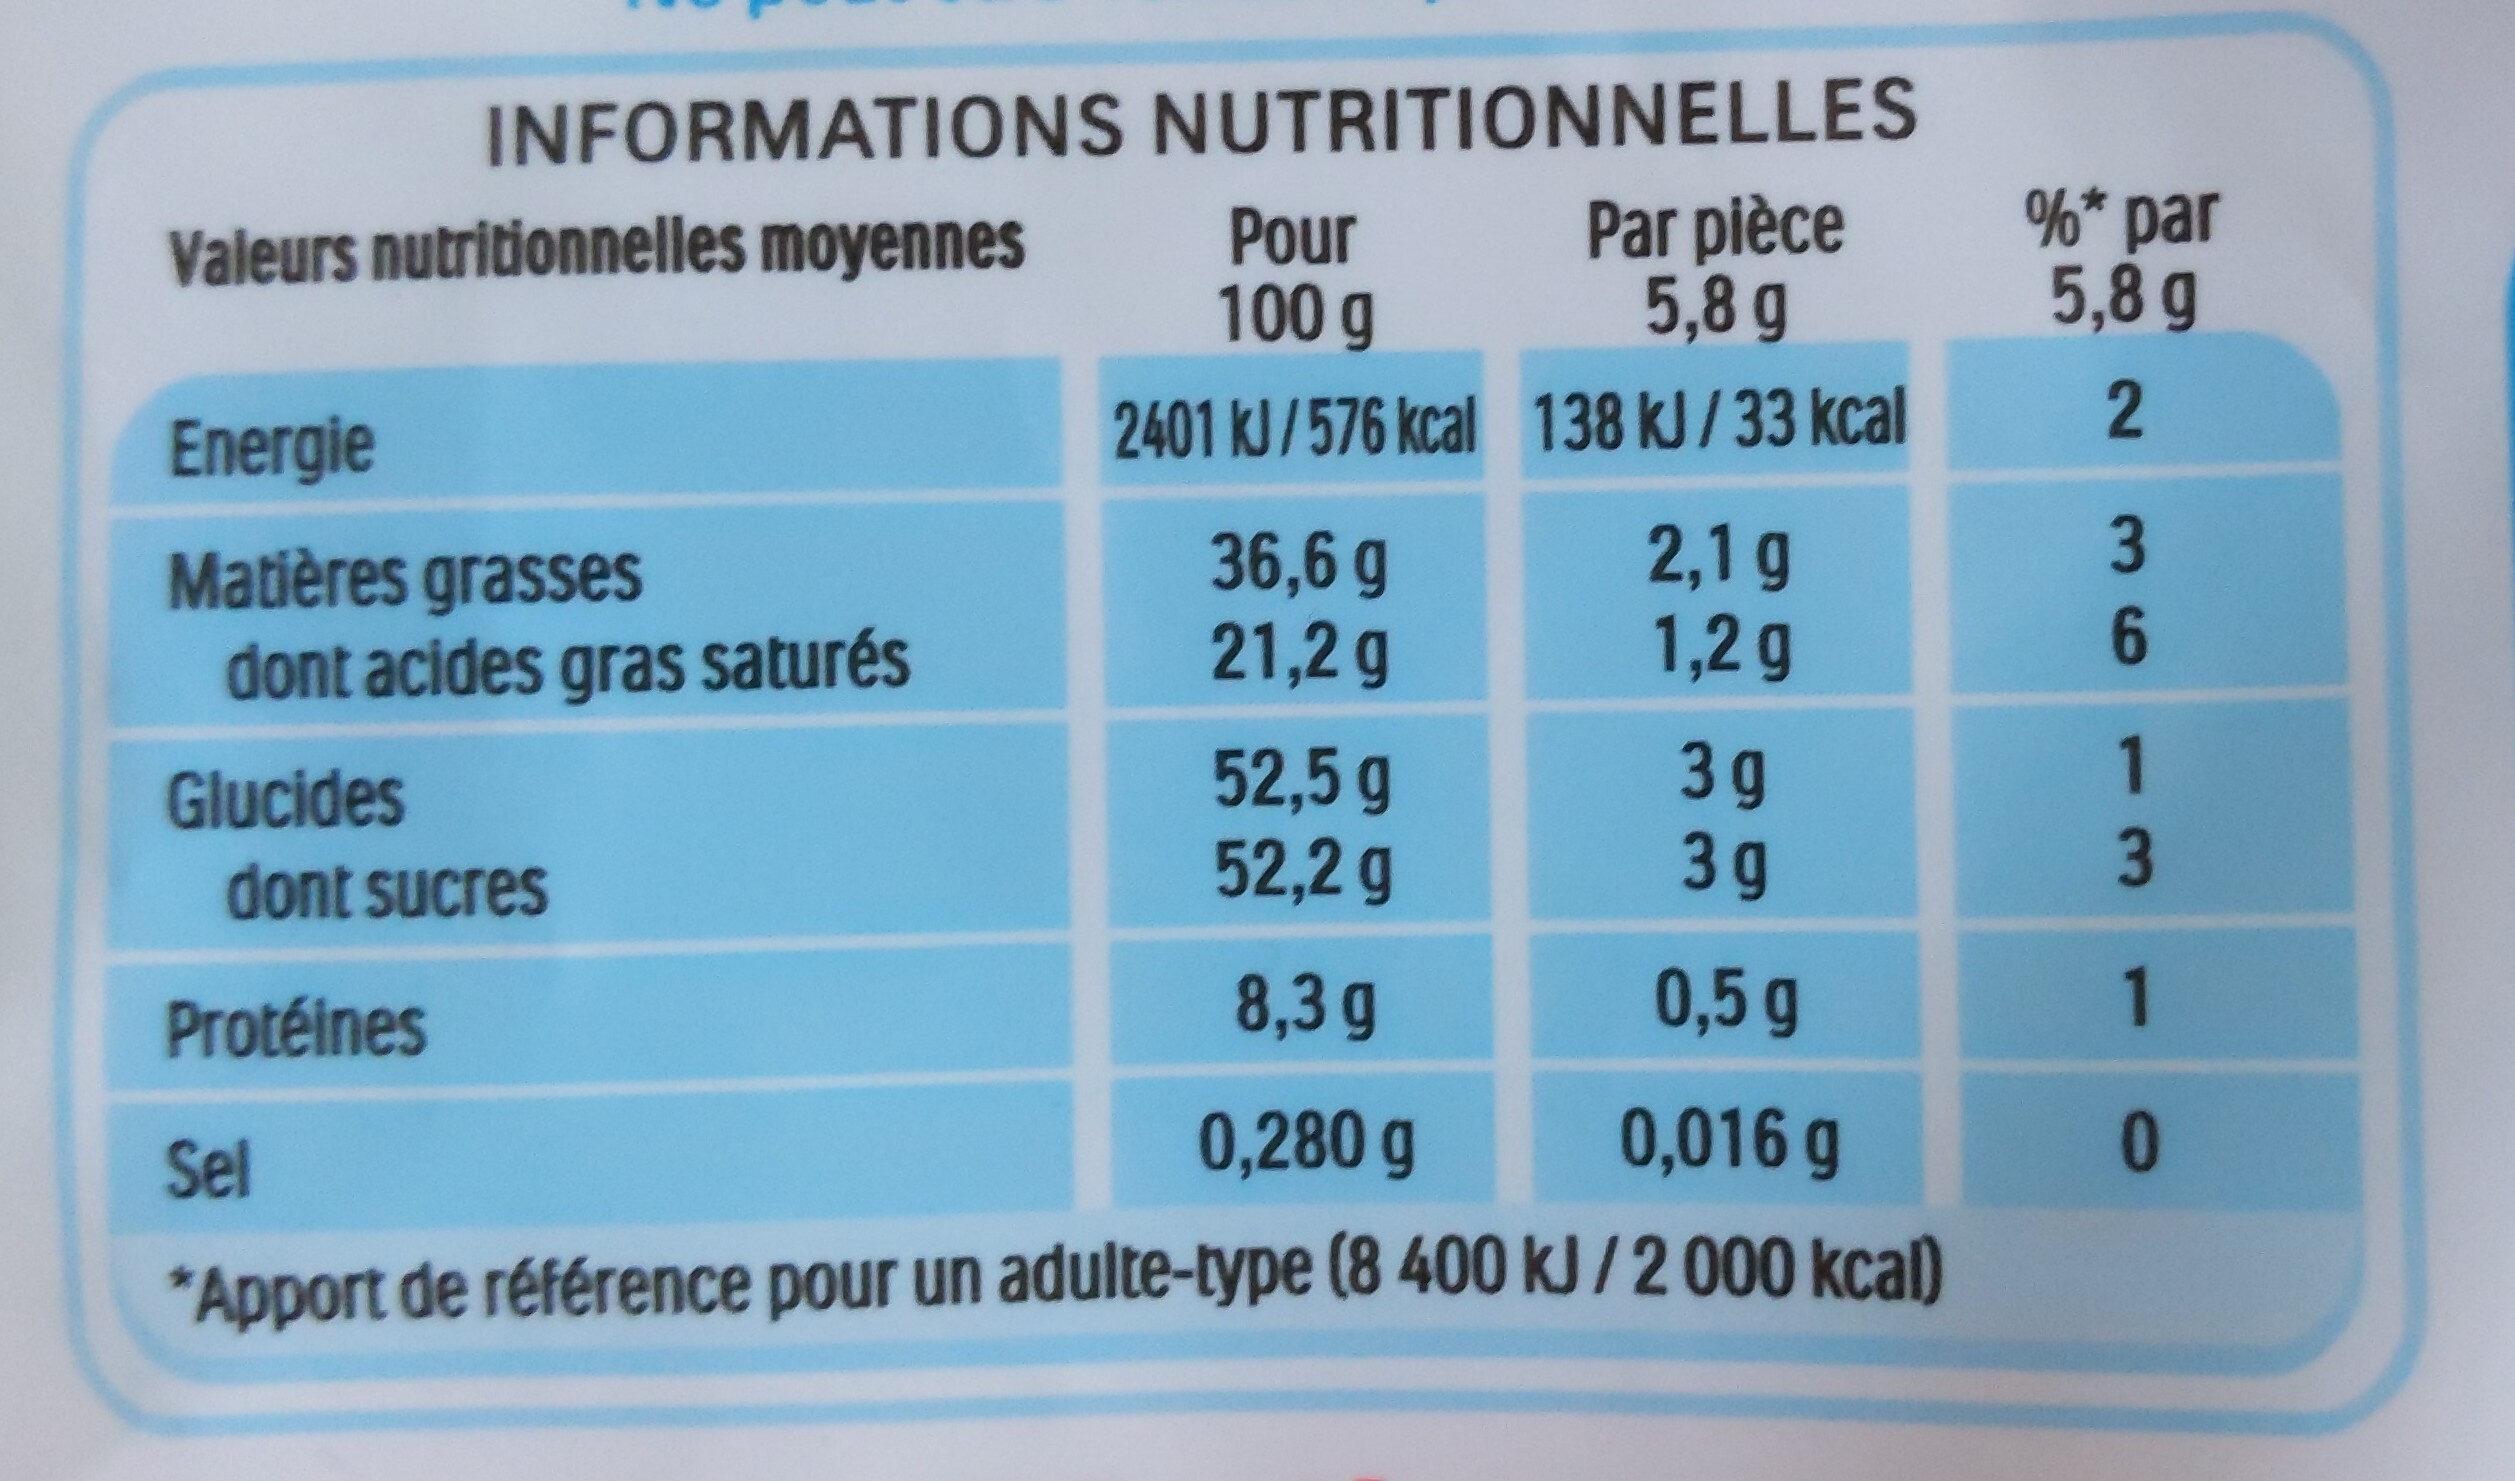 Kinder schokobons bonbons de chocolat au lait fourres lait et noisettes sachet - Informations nutritionnelles - fr